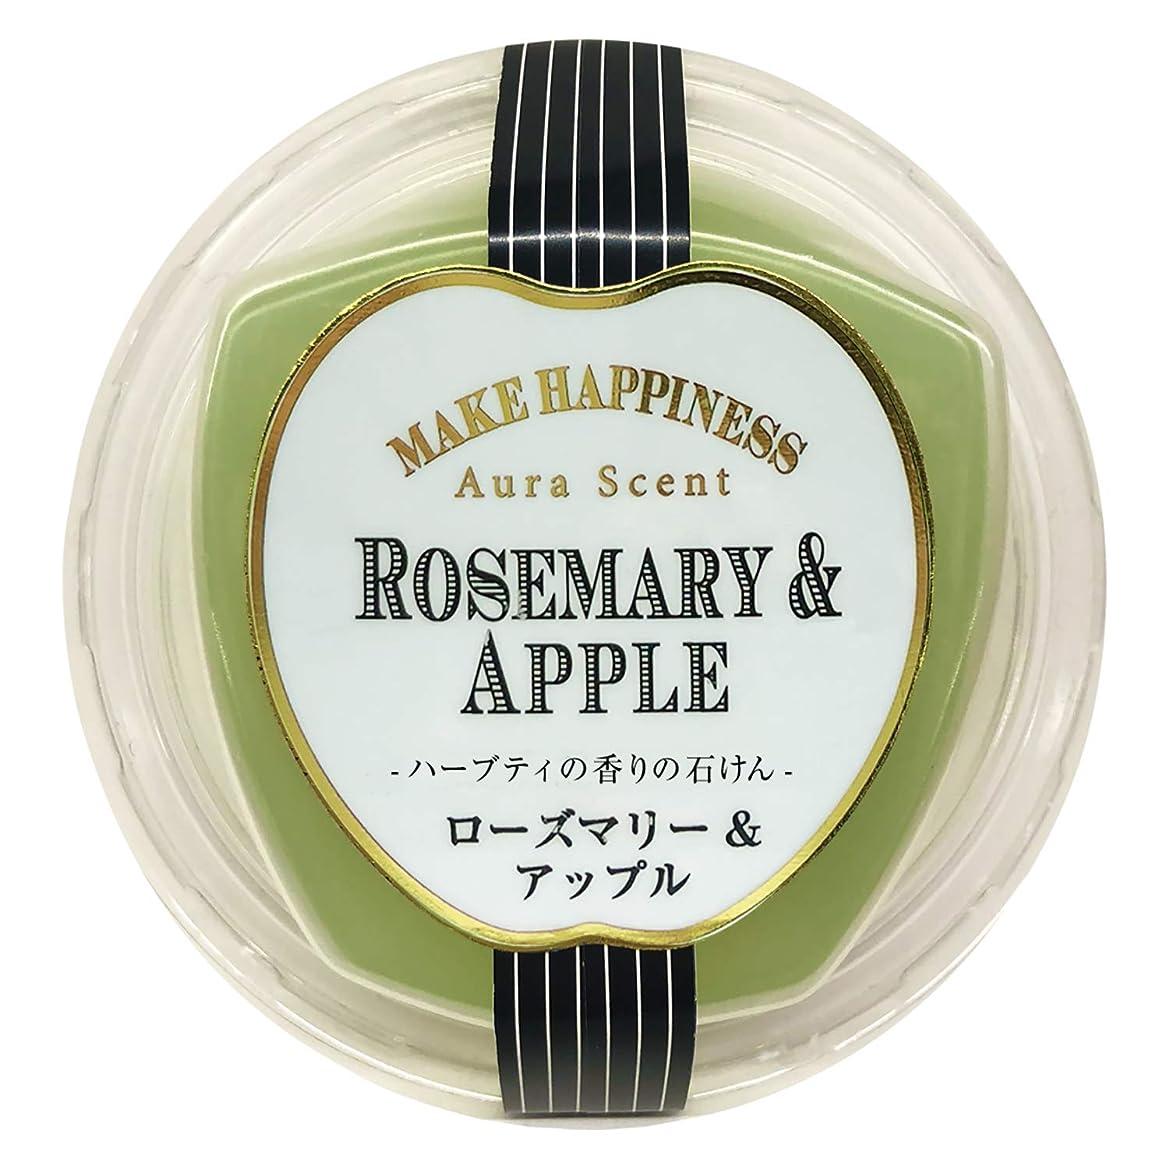 ドック病者アロングペリカン石鹸 オーラセント クリアソープ ローズマリー&アップル 75g